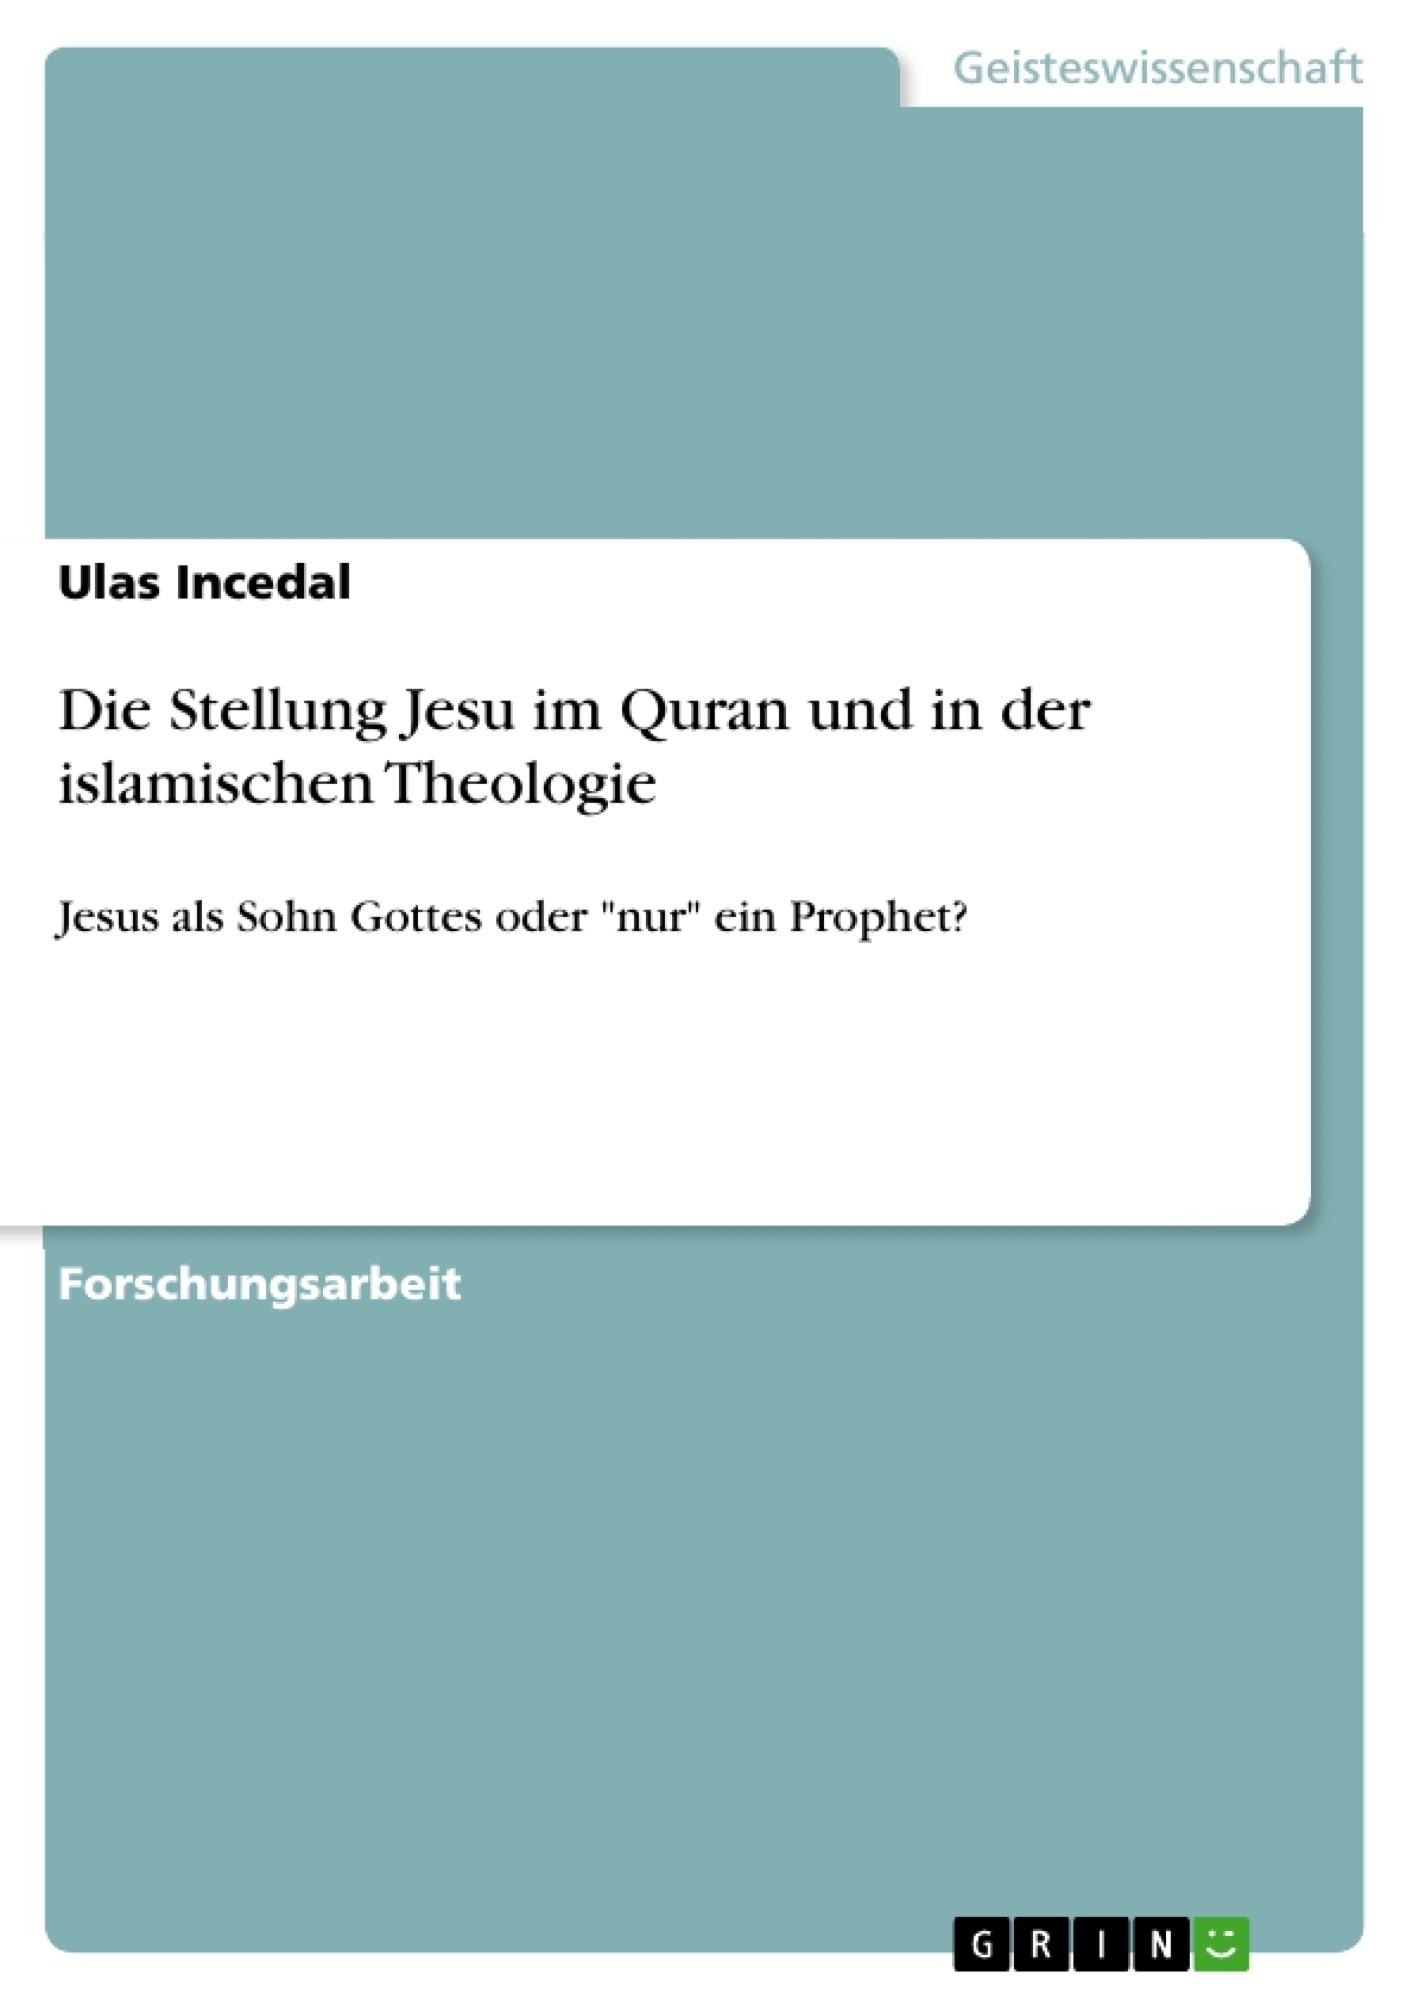 Titel: Die Stellung Jesu im Quran und in der islamischen Theologie